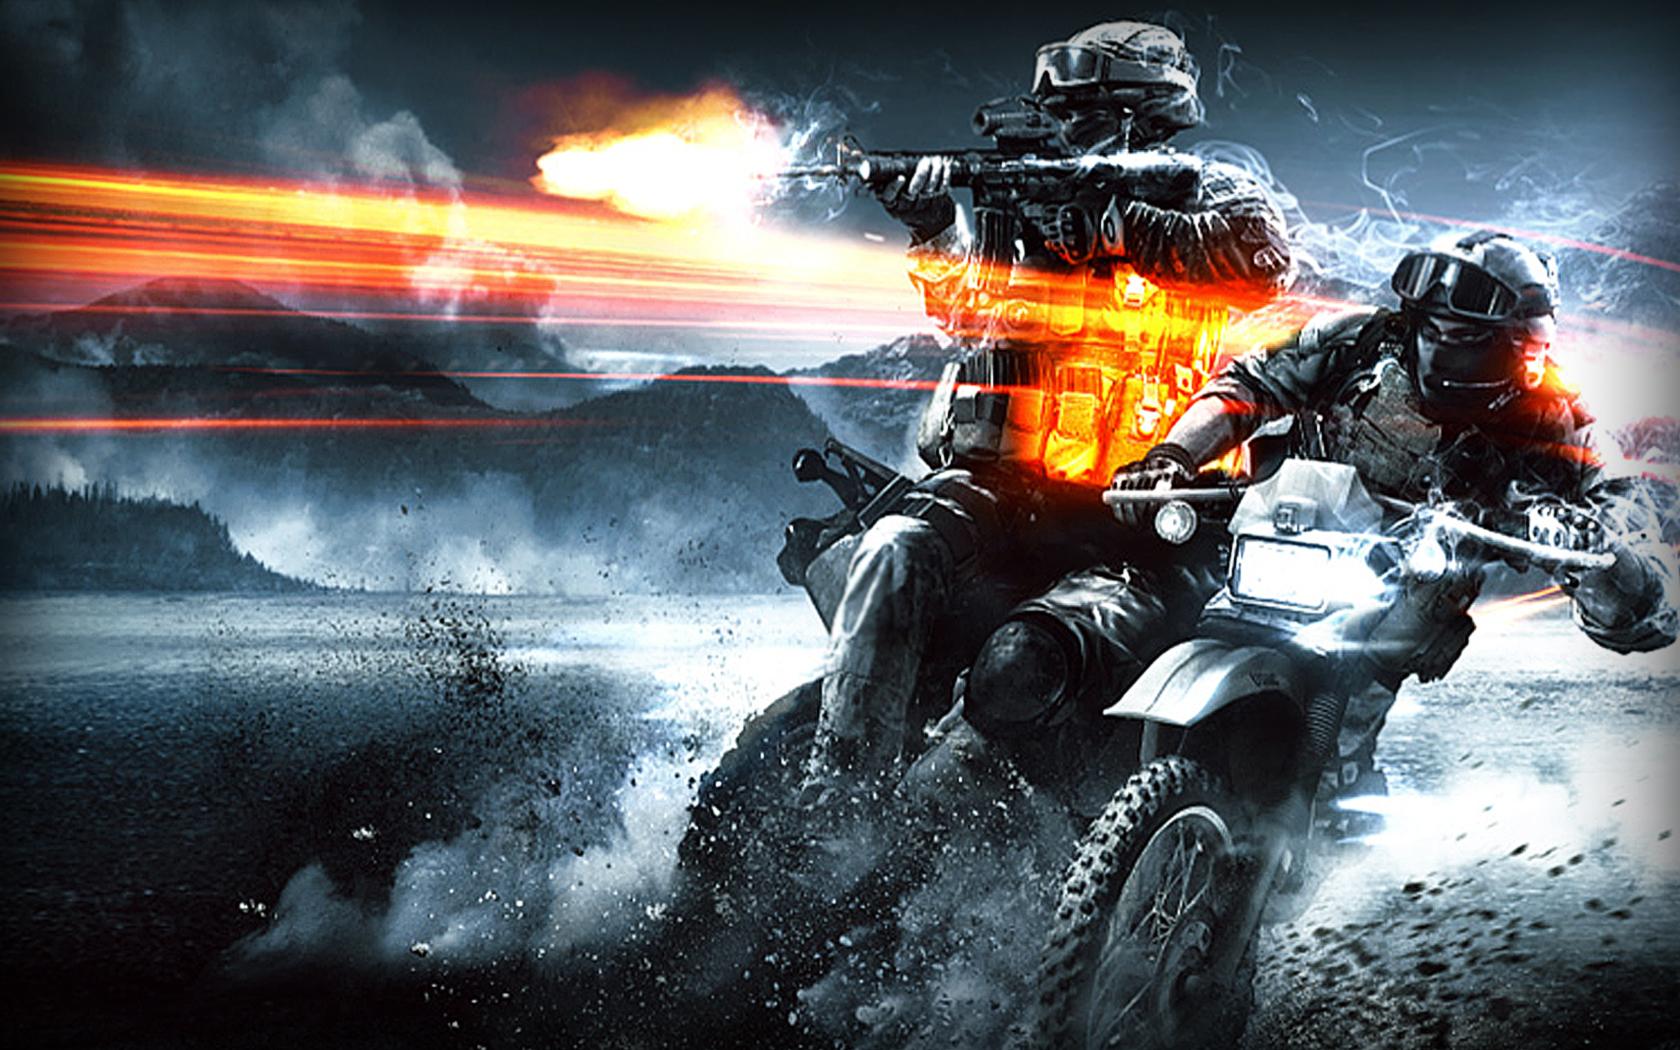 Así se ven las motos en End Game, el nuevo DLC de Battlefield 3 [Teaser]